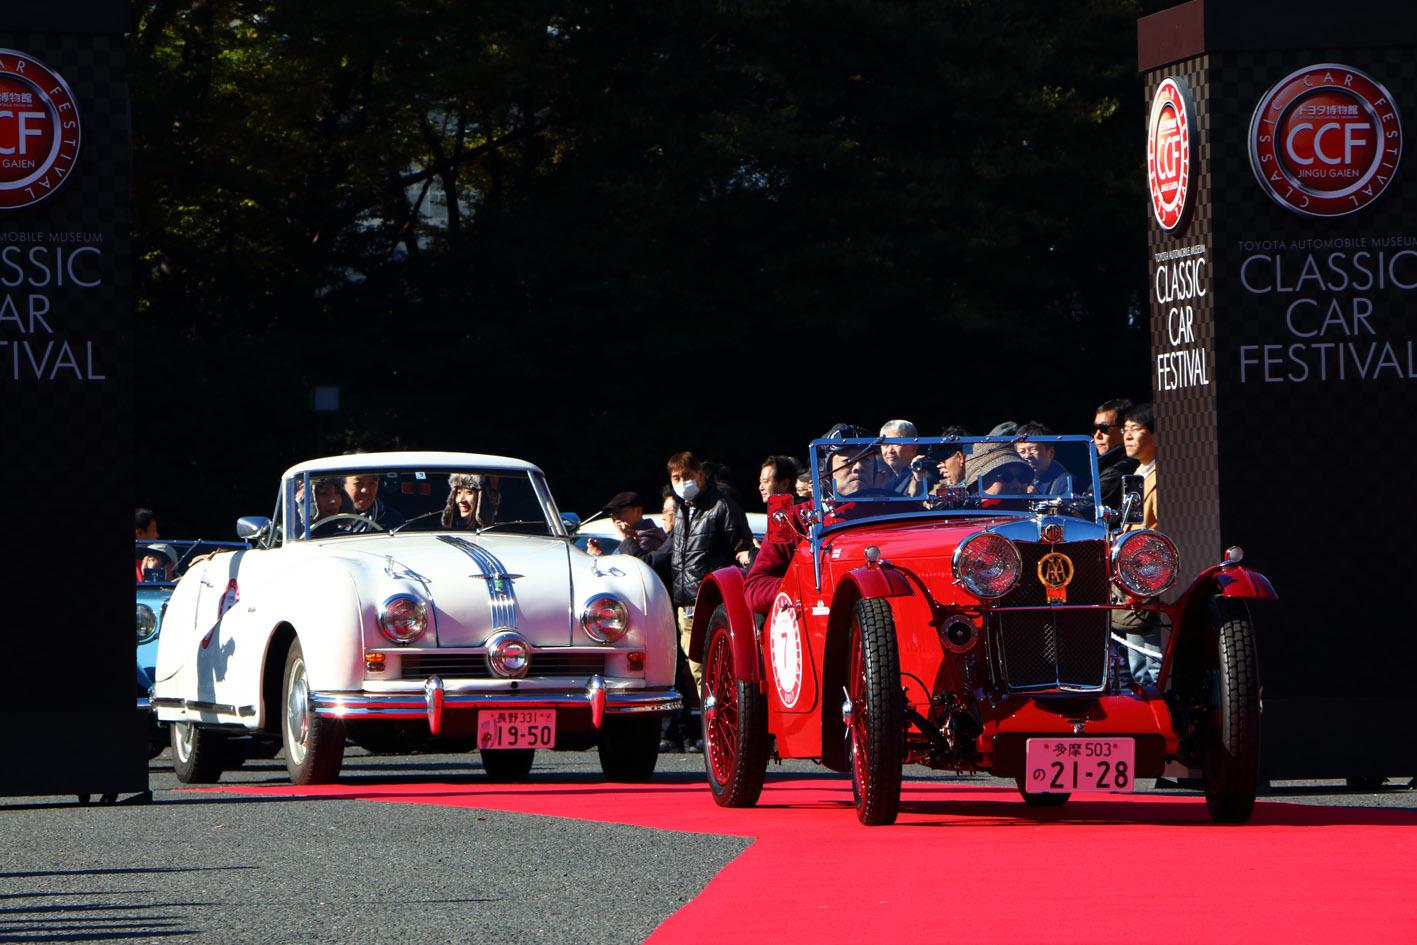 恒例のパレードランにも100台程の車両が参加。神宮外苑から銀座にかけてのコースを駆け抜けた